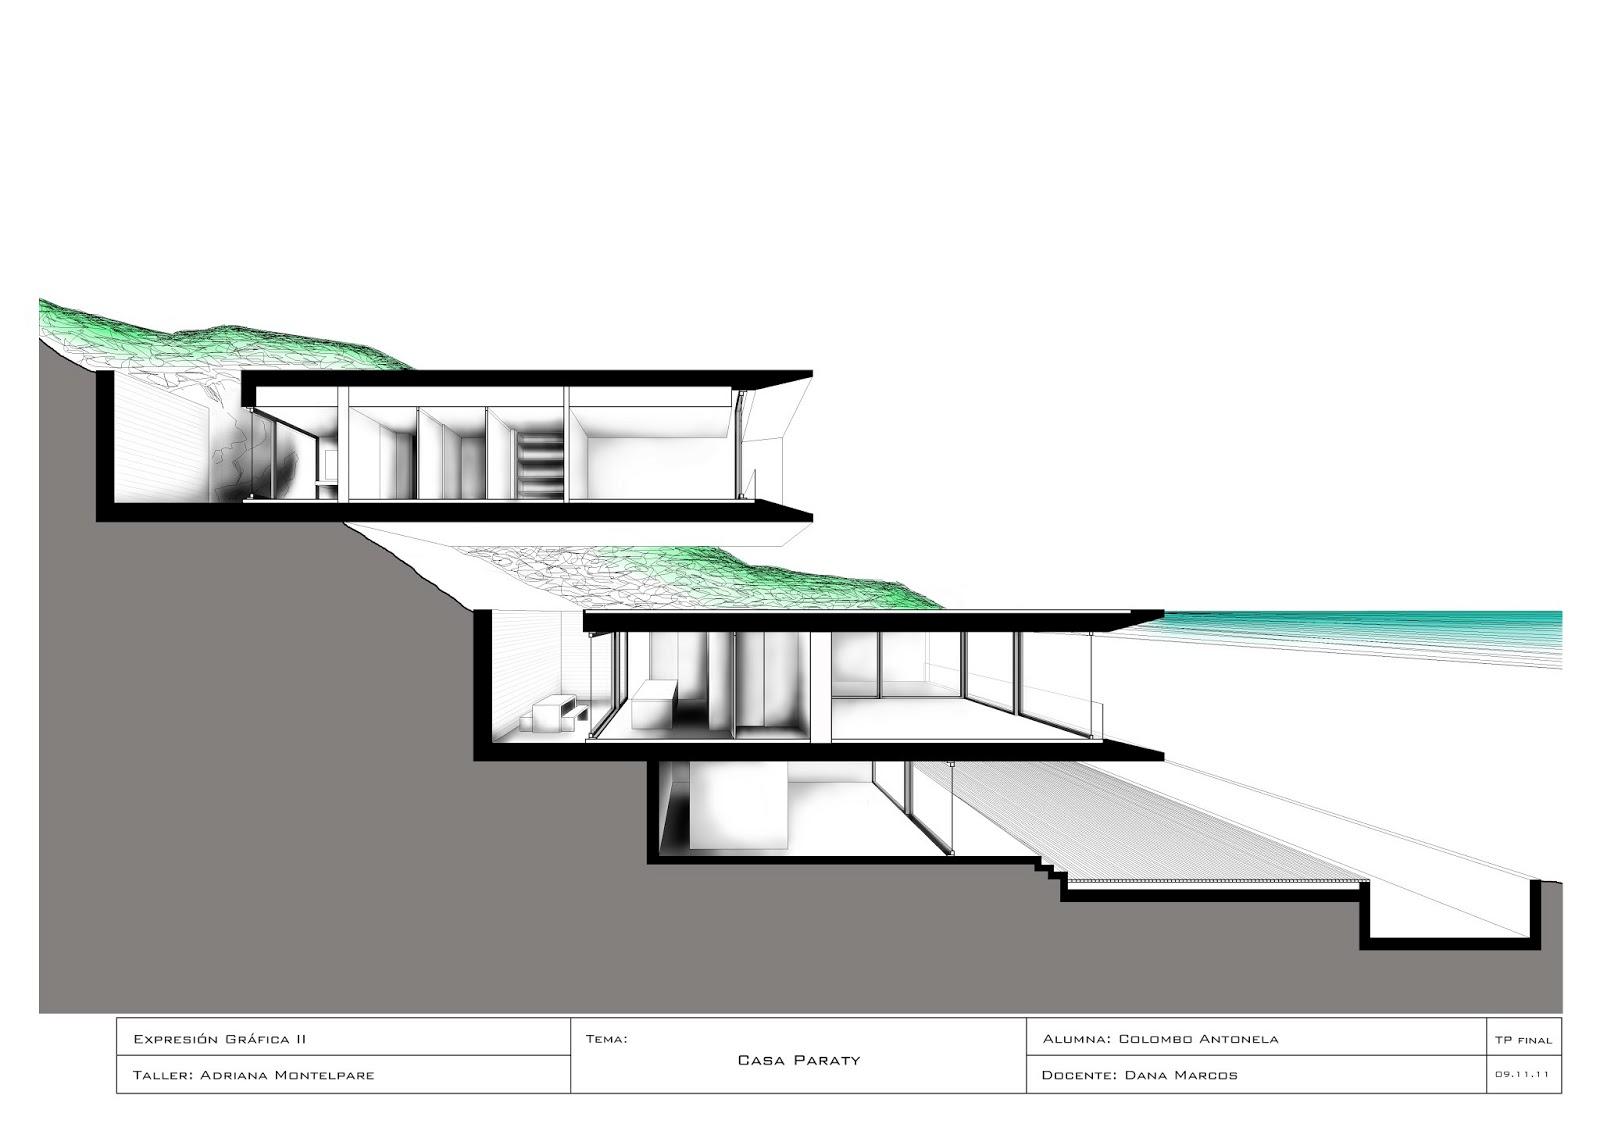 Expresi n gr fica 2 montelpare espacio cortes fugados for Arquitectura nota de corte